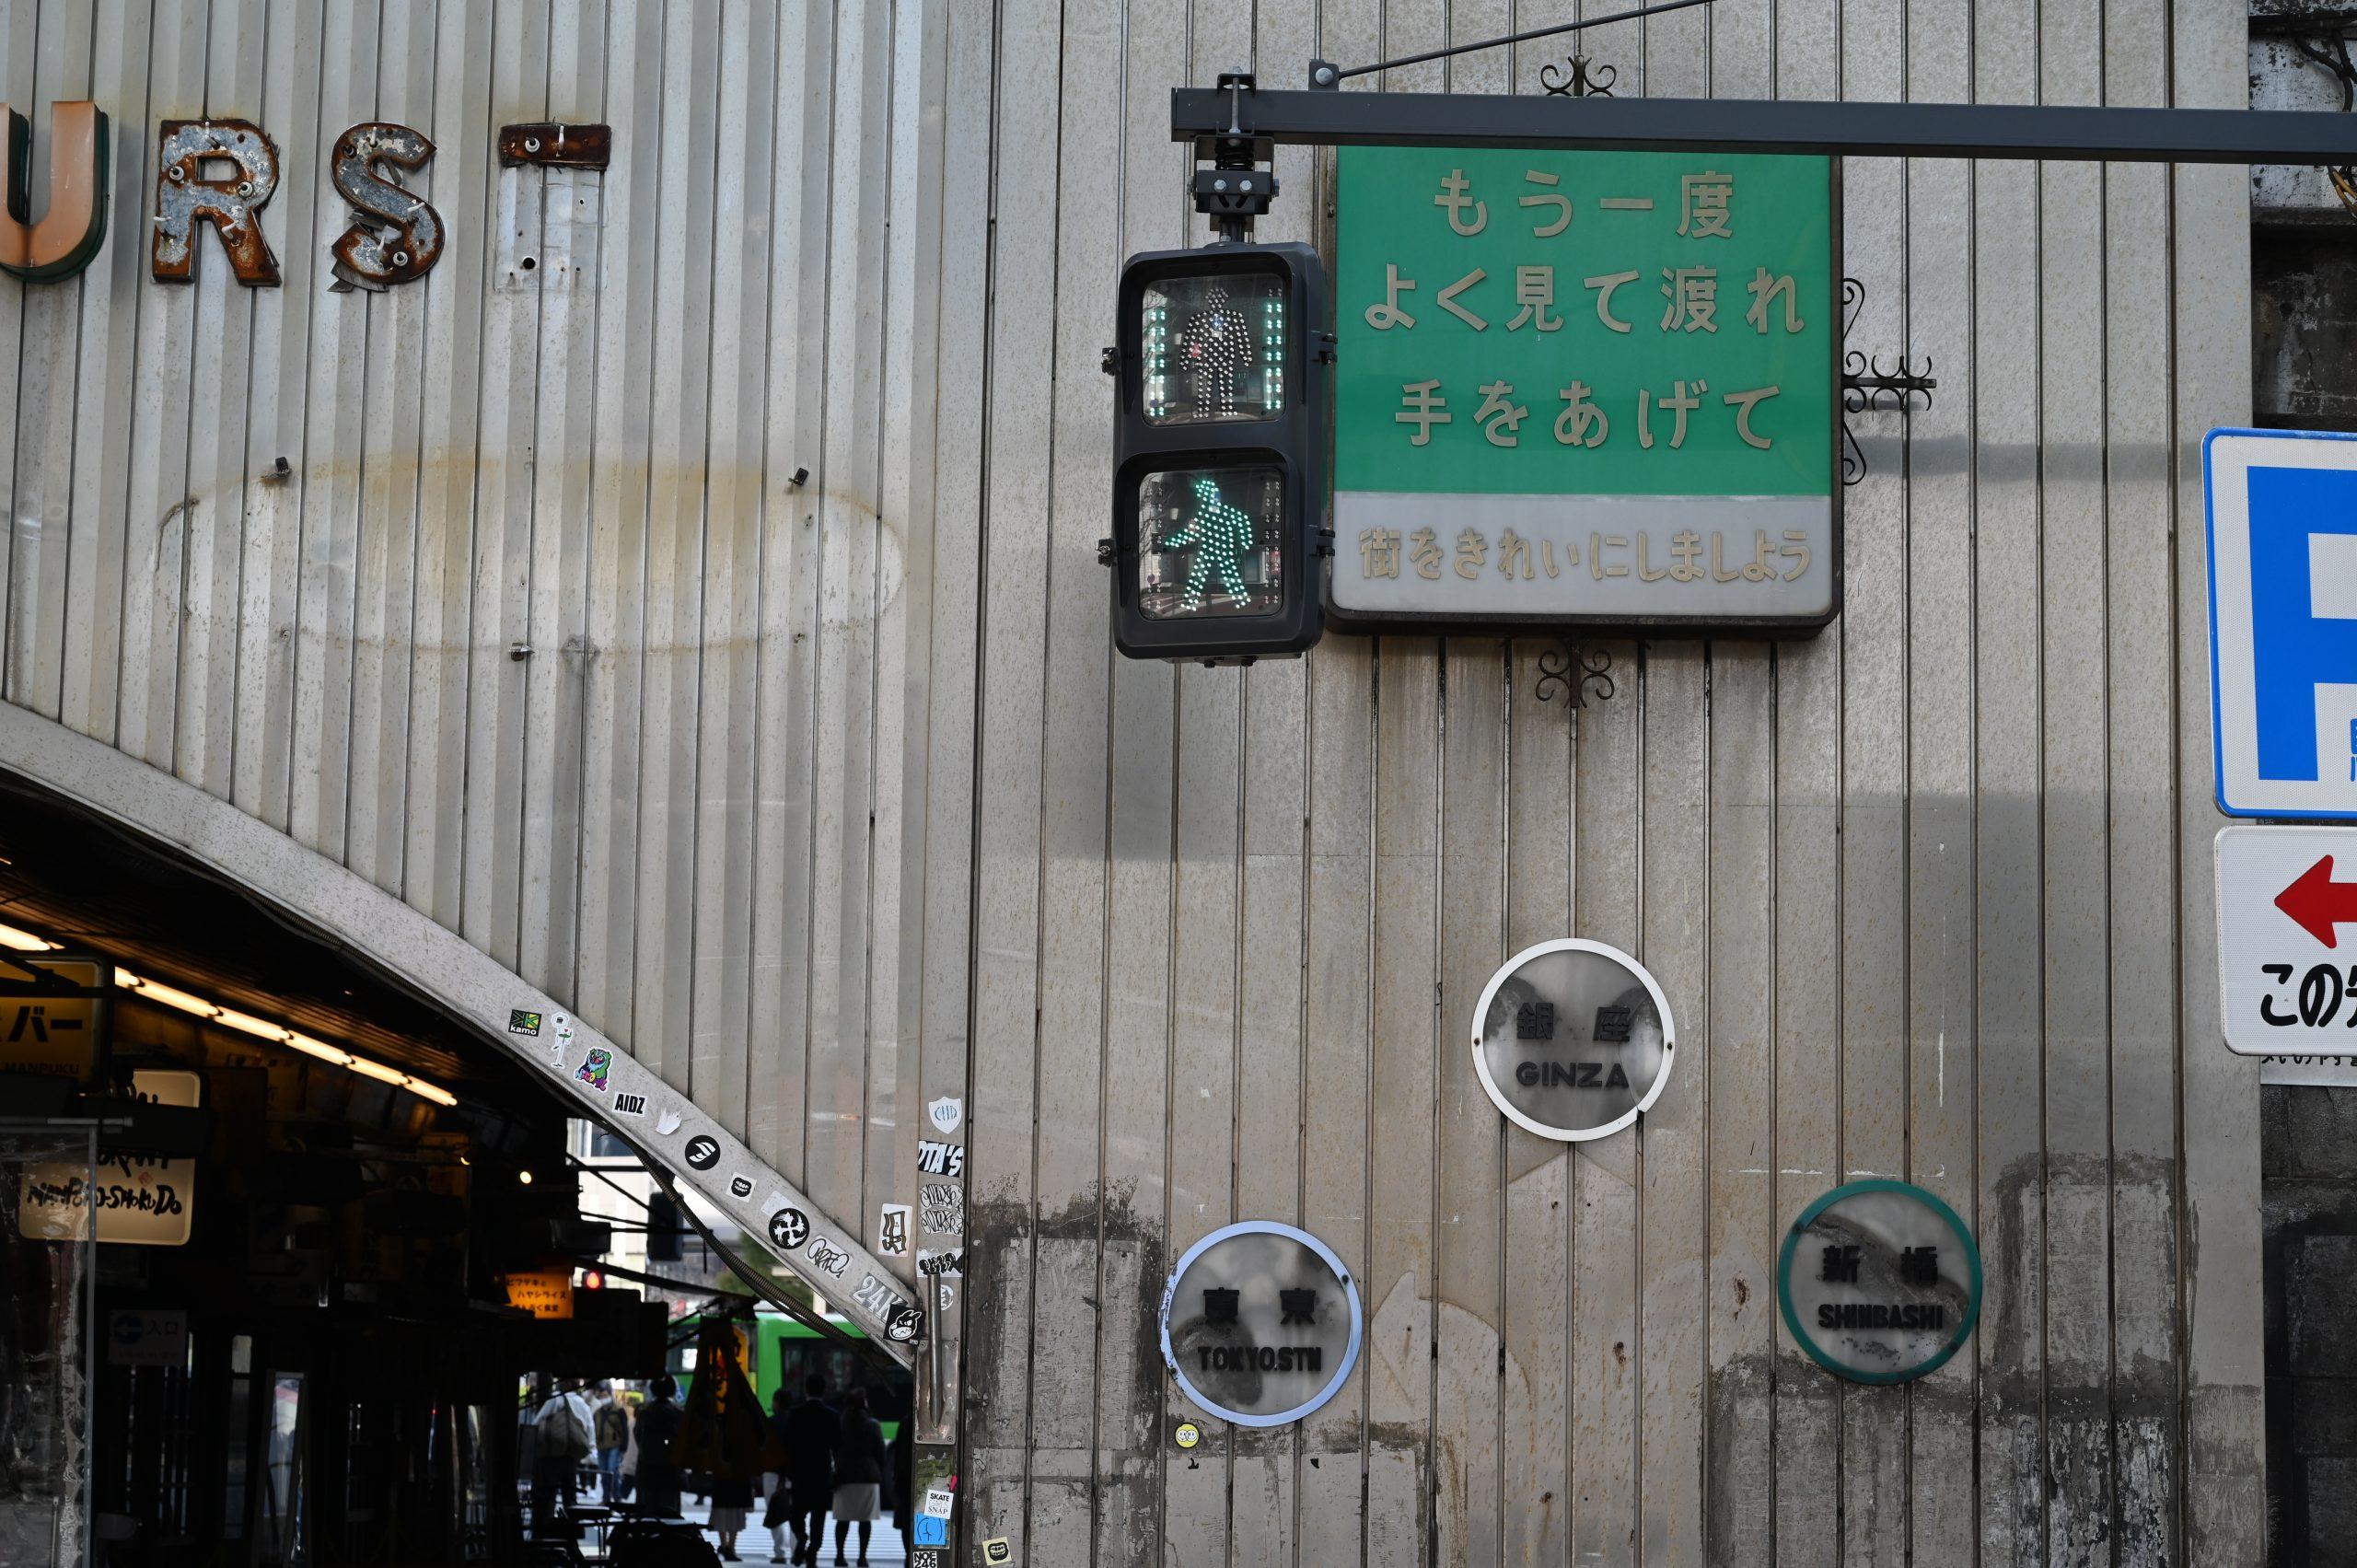 【Nikon】Z6を使ってみる 東京駅~銀座~豊洲散歩